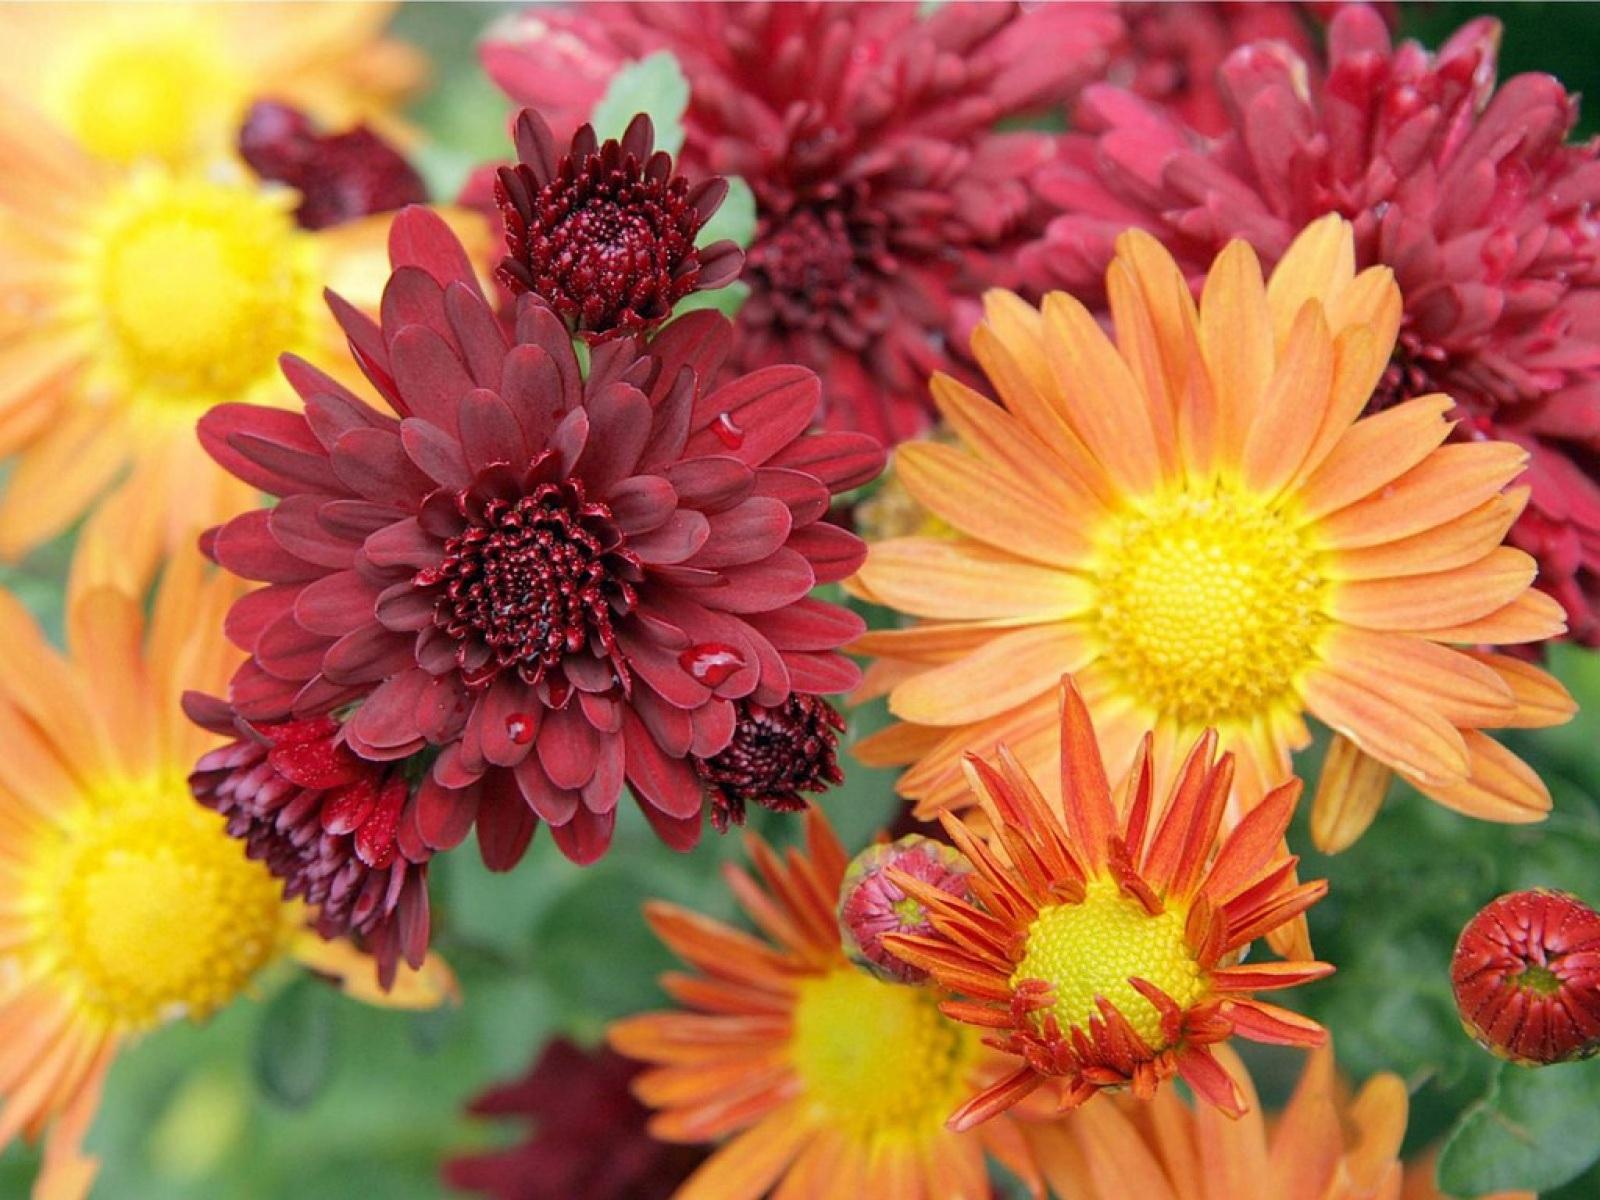 Яркие переливы оттенков на цветах